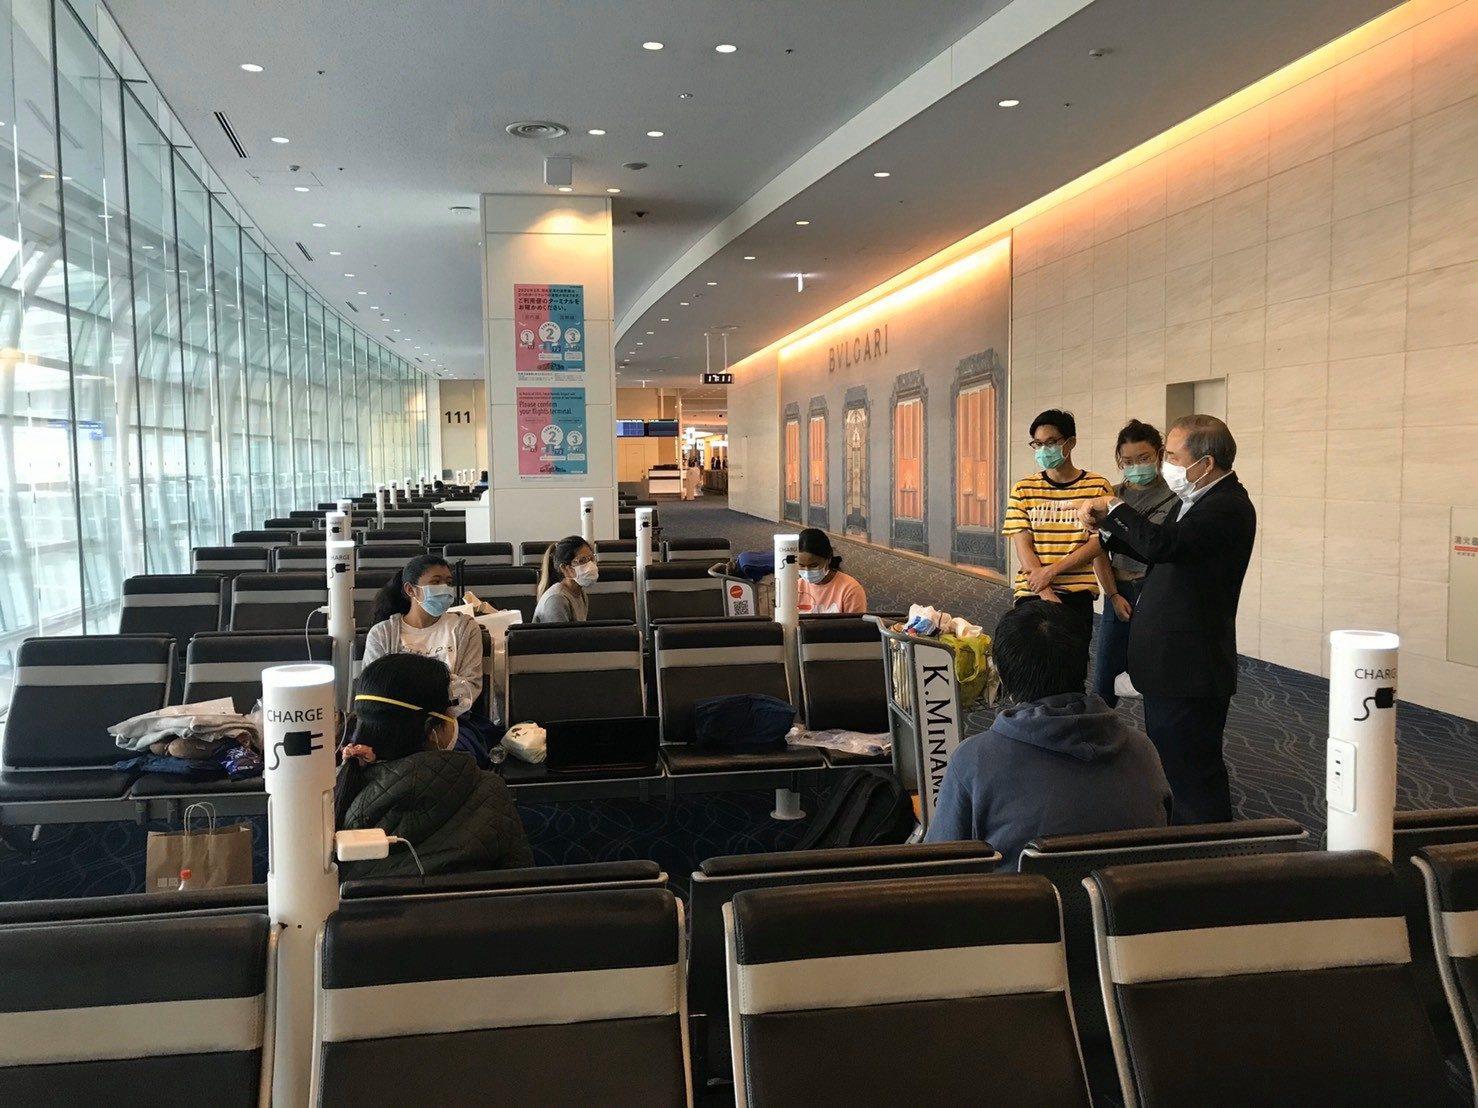 สถานเอกอัครราชทูต ณ กรุงโตเกียวดูแลคนไทยที่ตกค้างที่สนามบิน